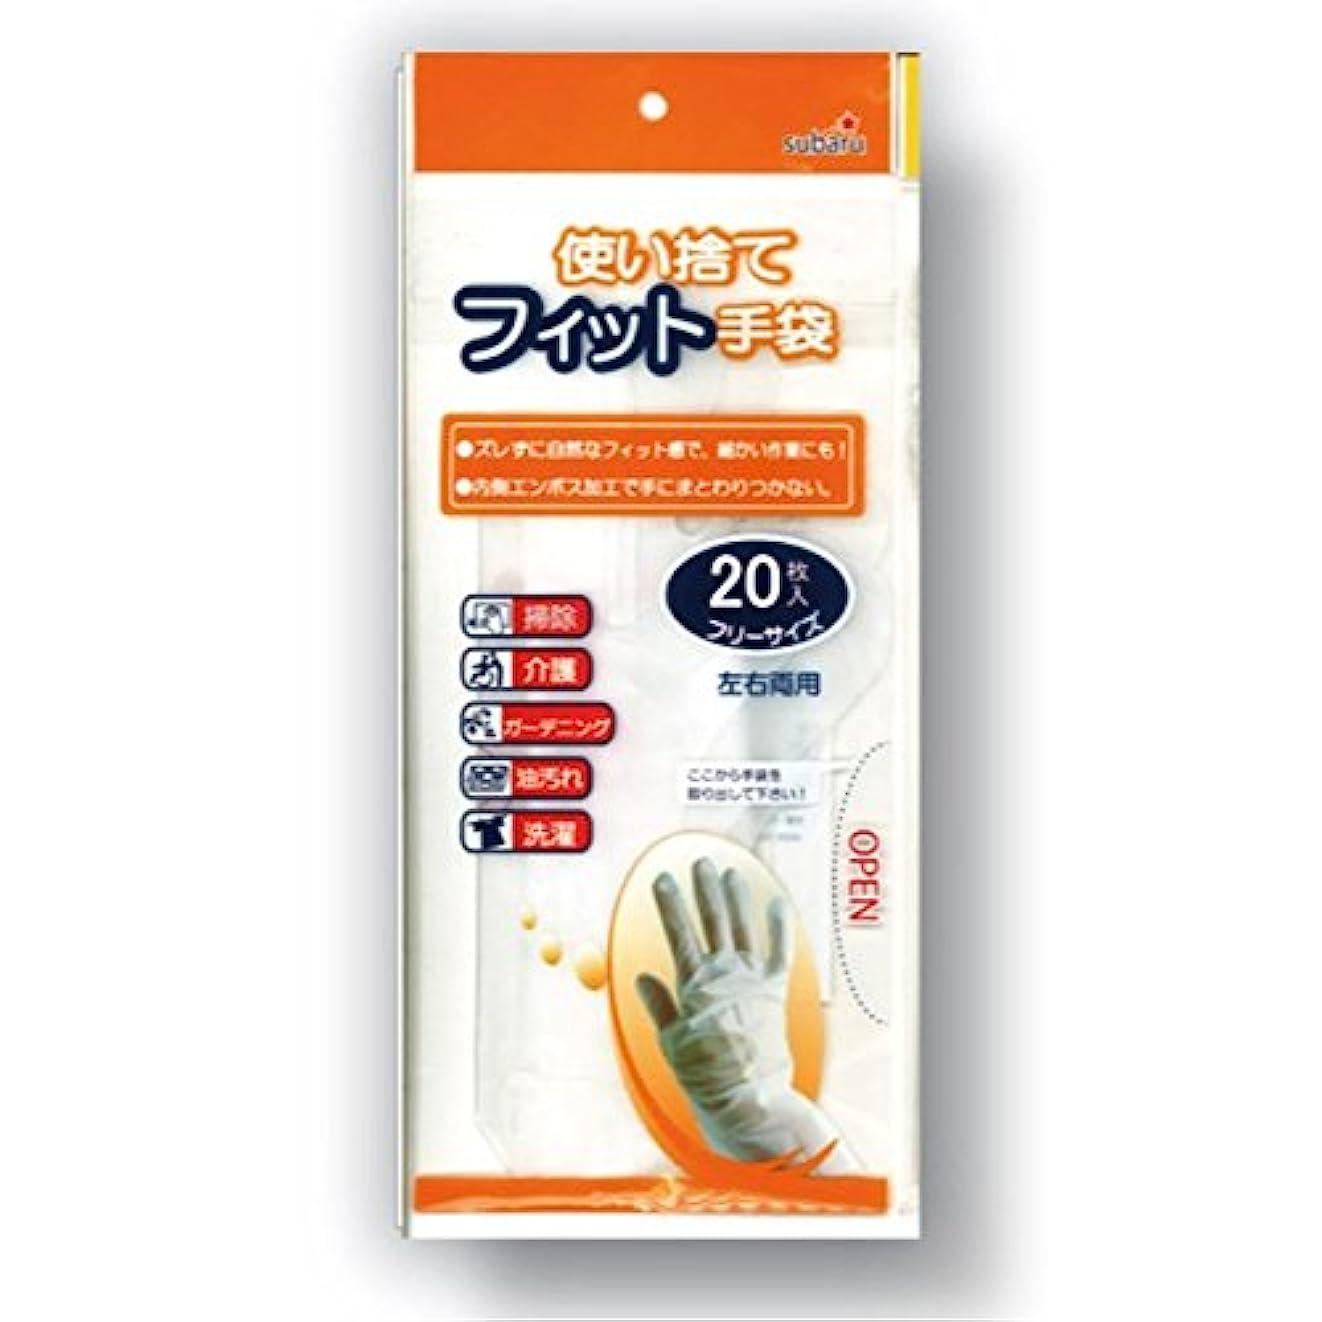 権限透明に絶滅した使い捨てフィット手袋フリーサイズ20枚入[12個セット] 227-19